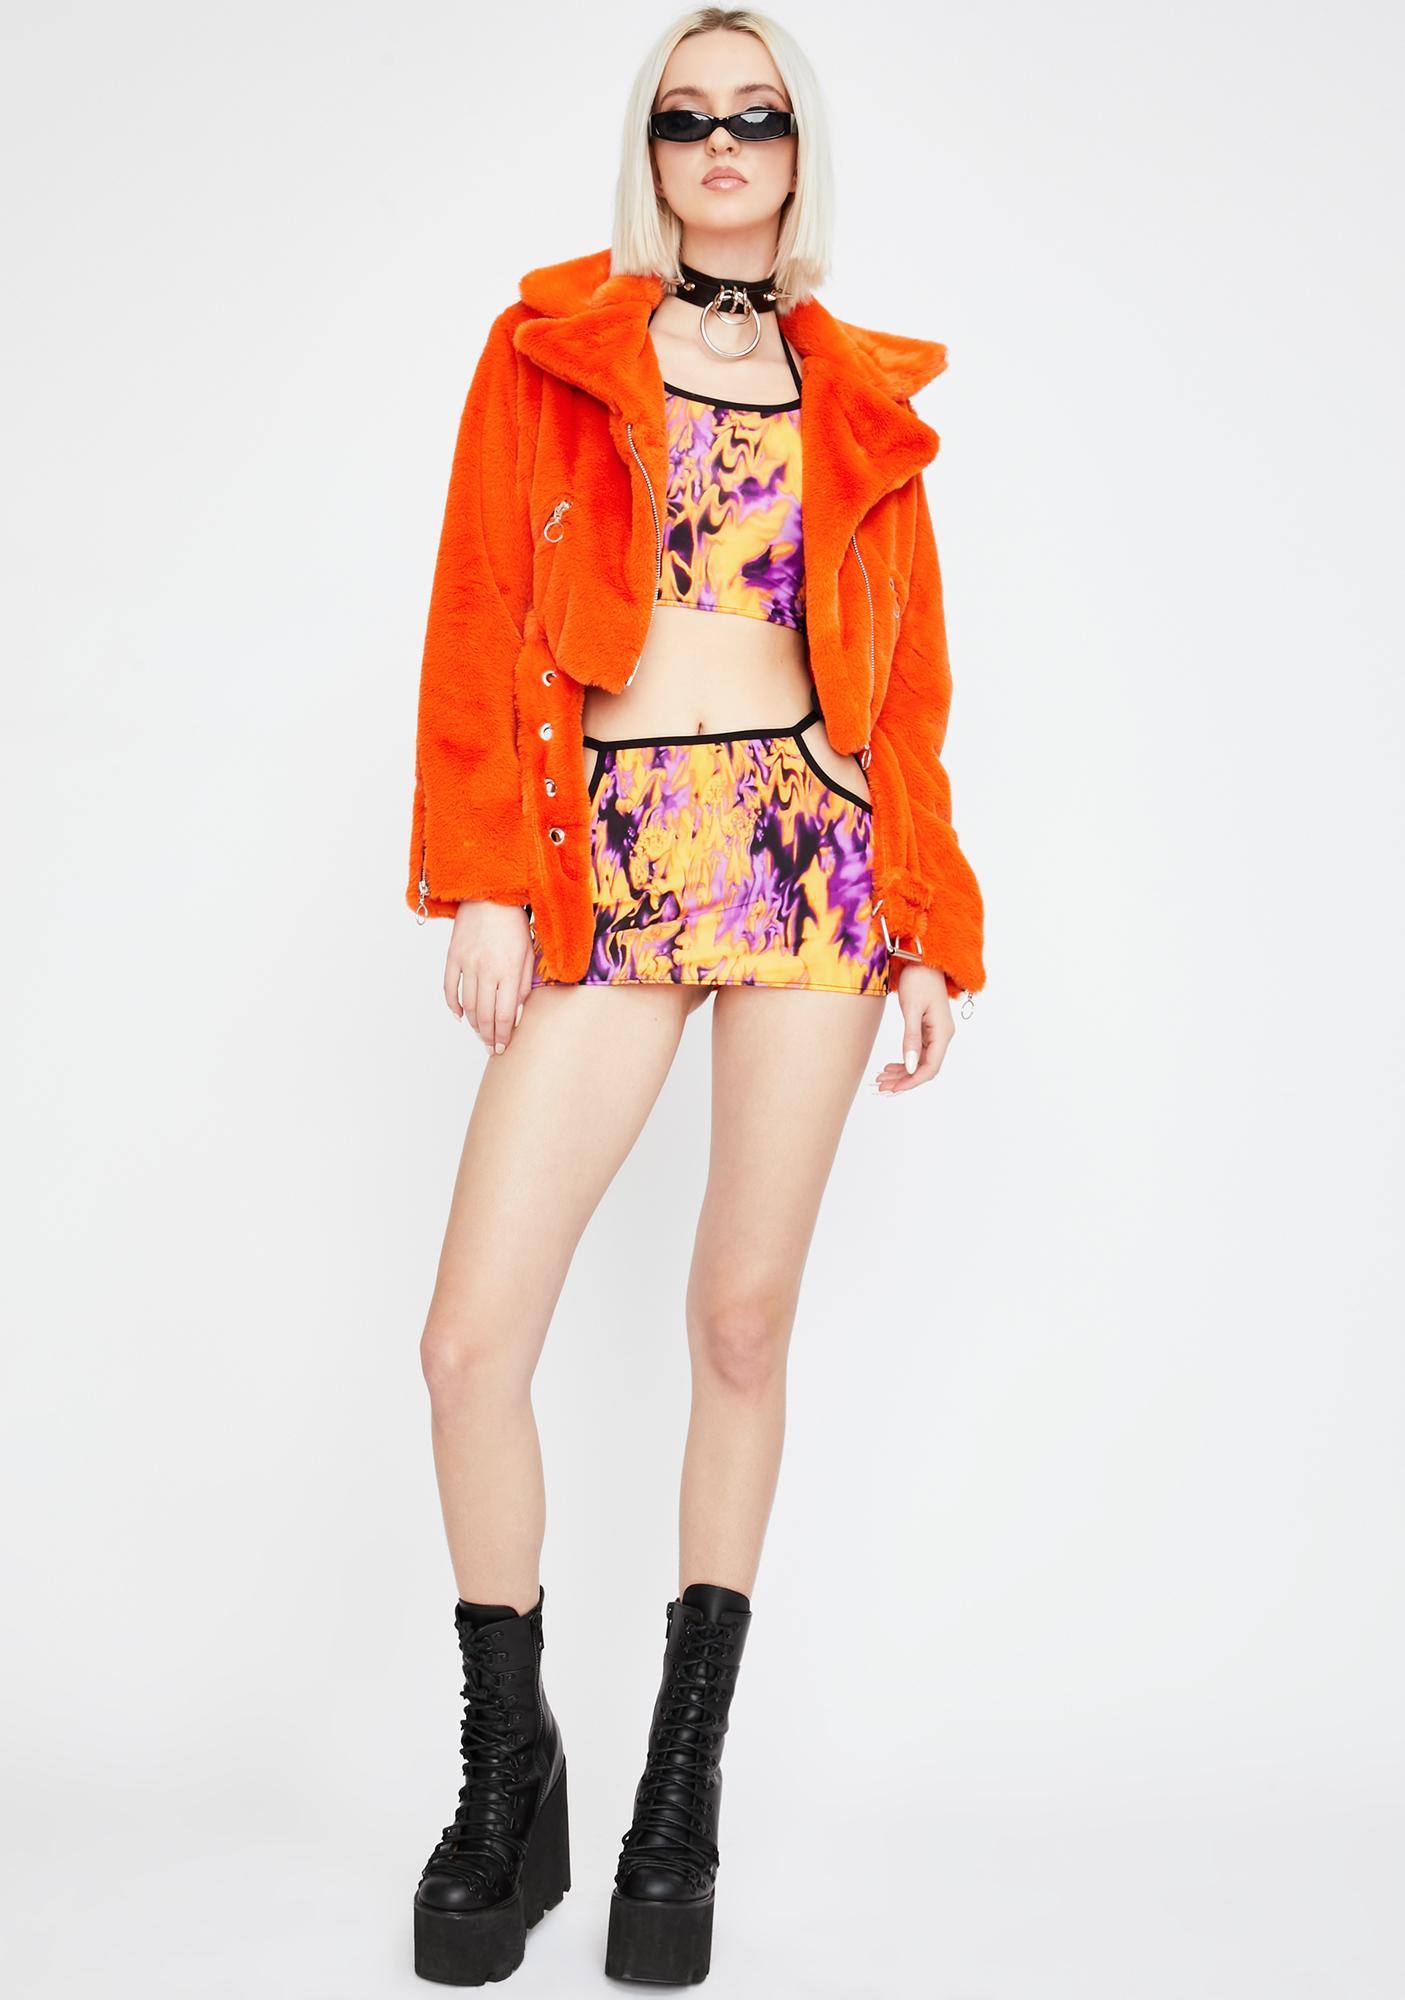 Shay Kawaii Psychedelic Skirt Set